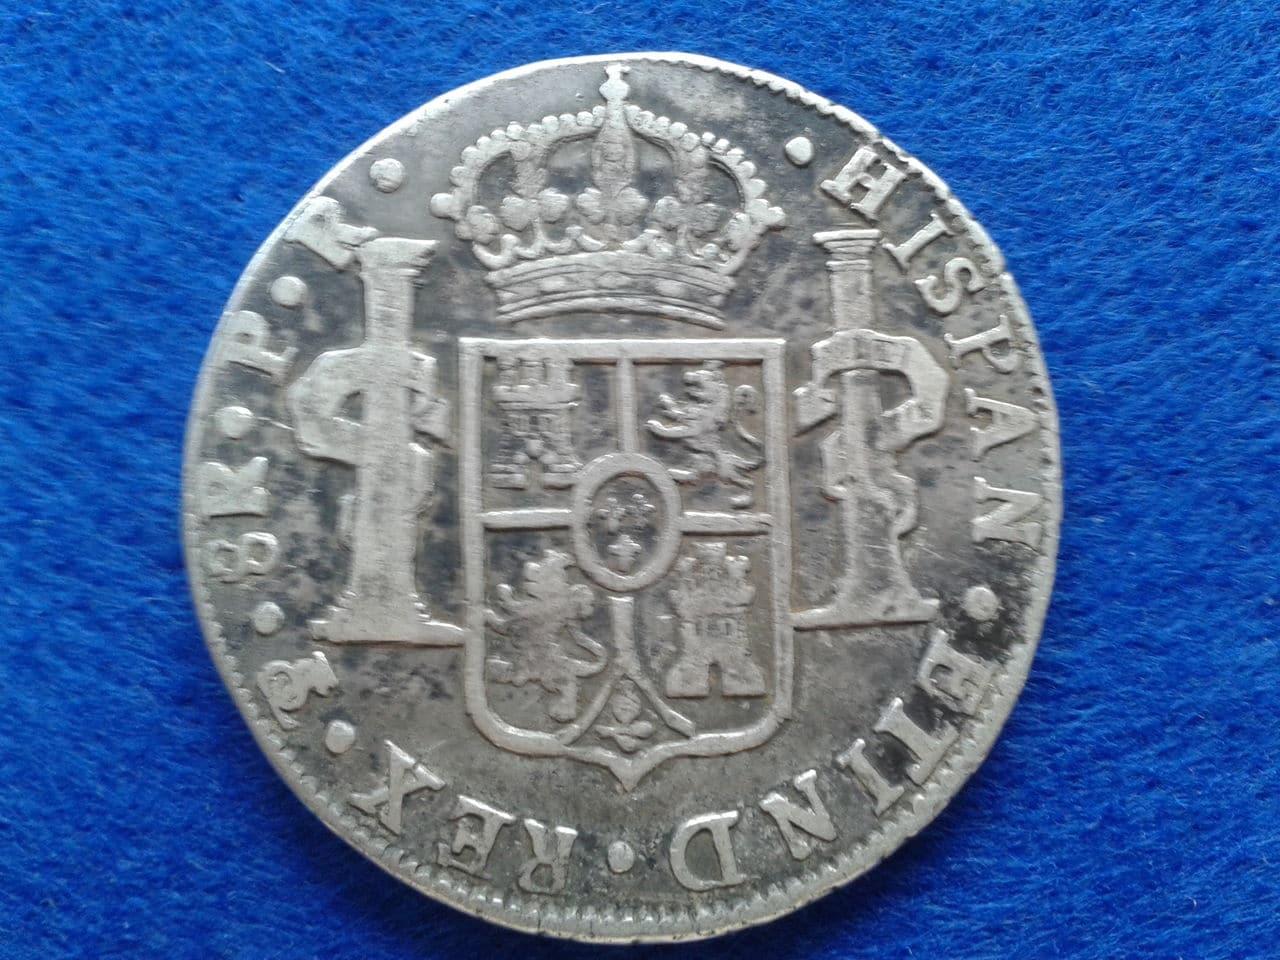 8 reales Carlos III 1785 Potosí 8_reales_de_Carlos_III_potosi_1785_anver